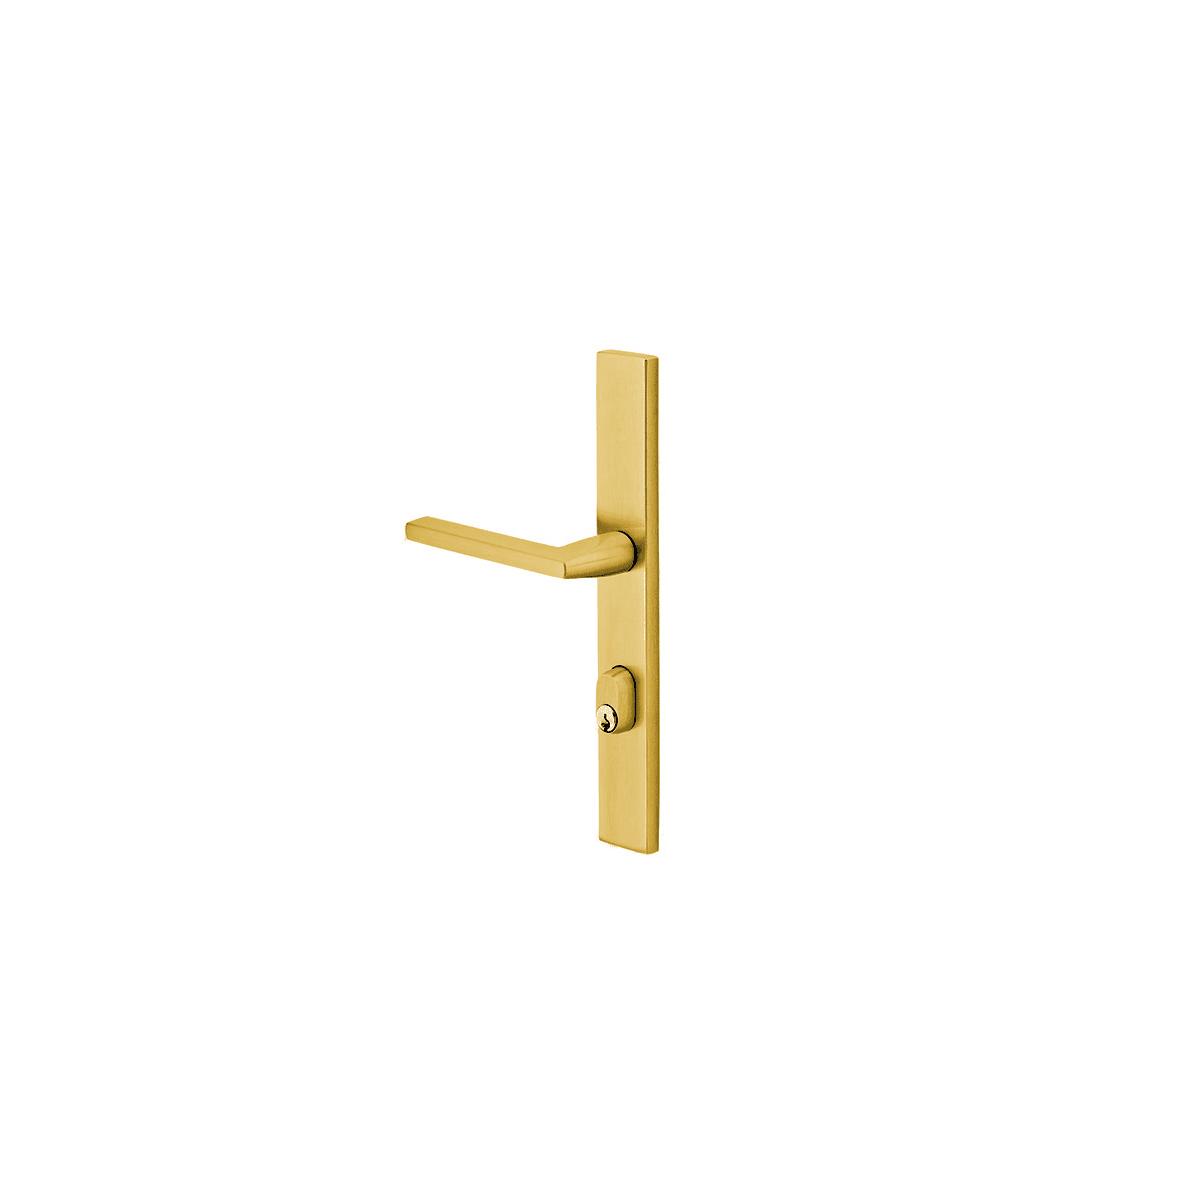 6 in Flat Black Emtek Brass Surface Mounted Security Bolt with Concealed Screws